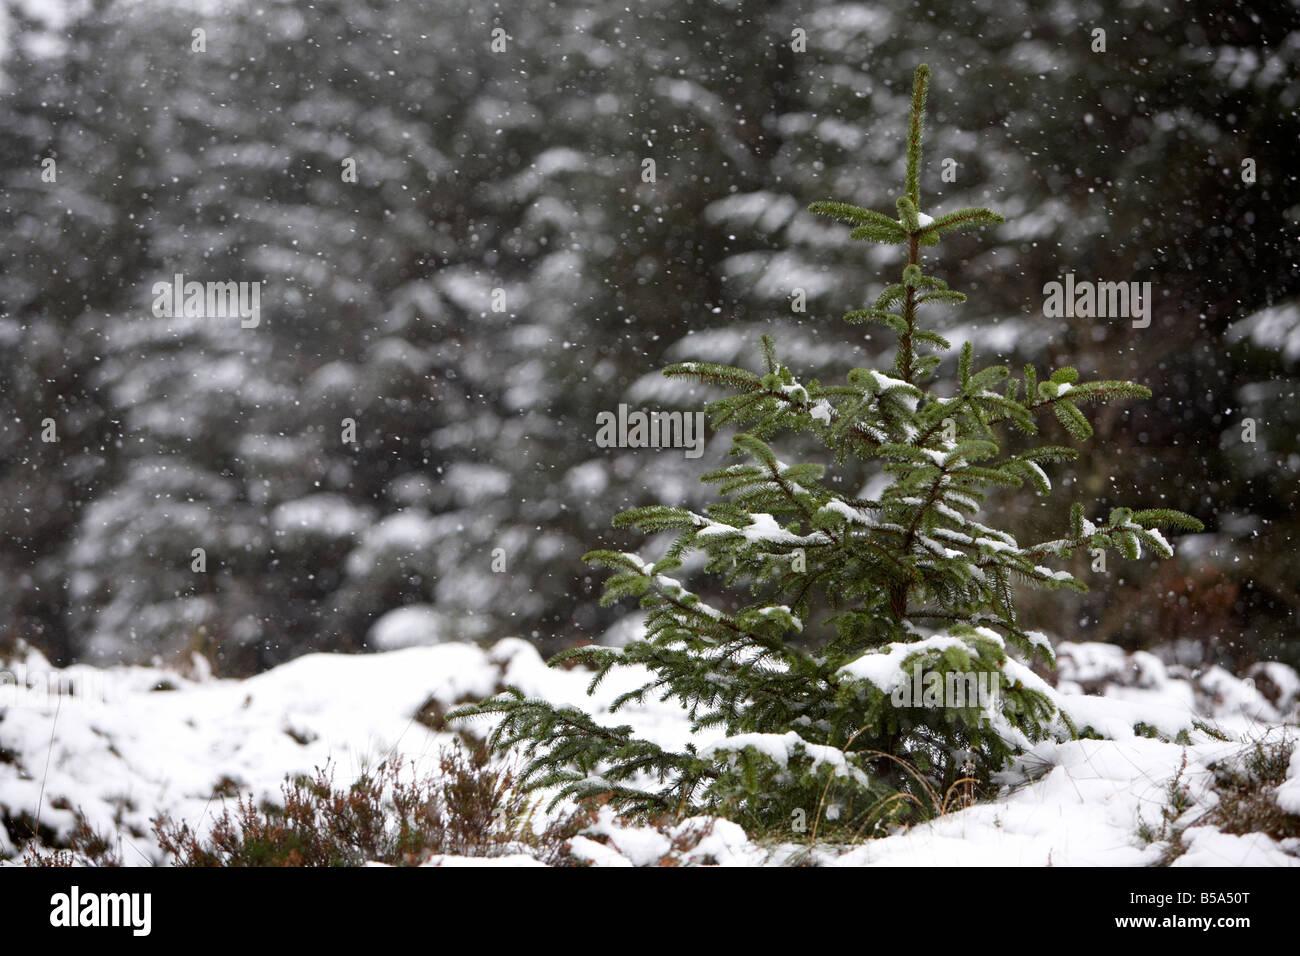 La nieve caída en el joven retoño de coníferas perennes pinos en un bosque en el condado de Antrim Reino Unido Irlanda del Norte Foto de stock